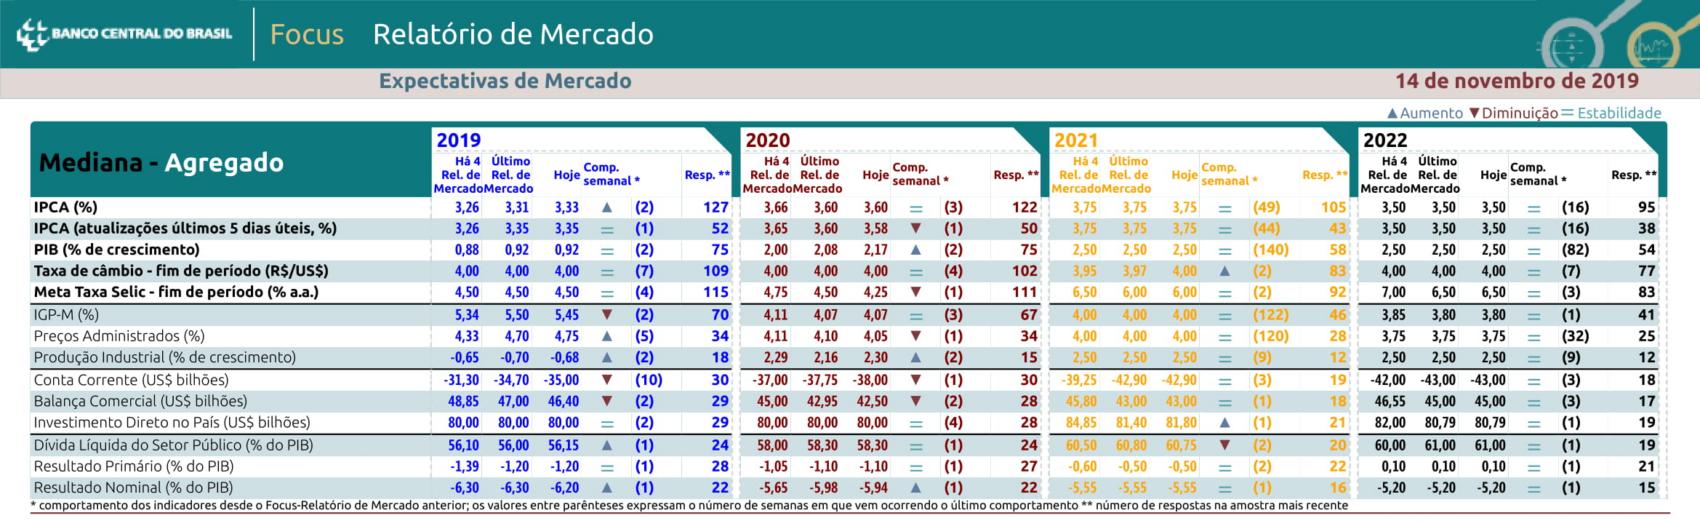 inflação em 2020